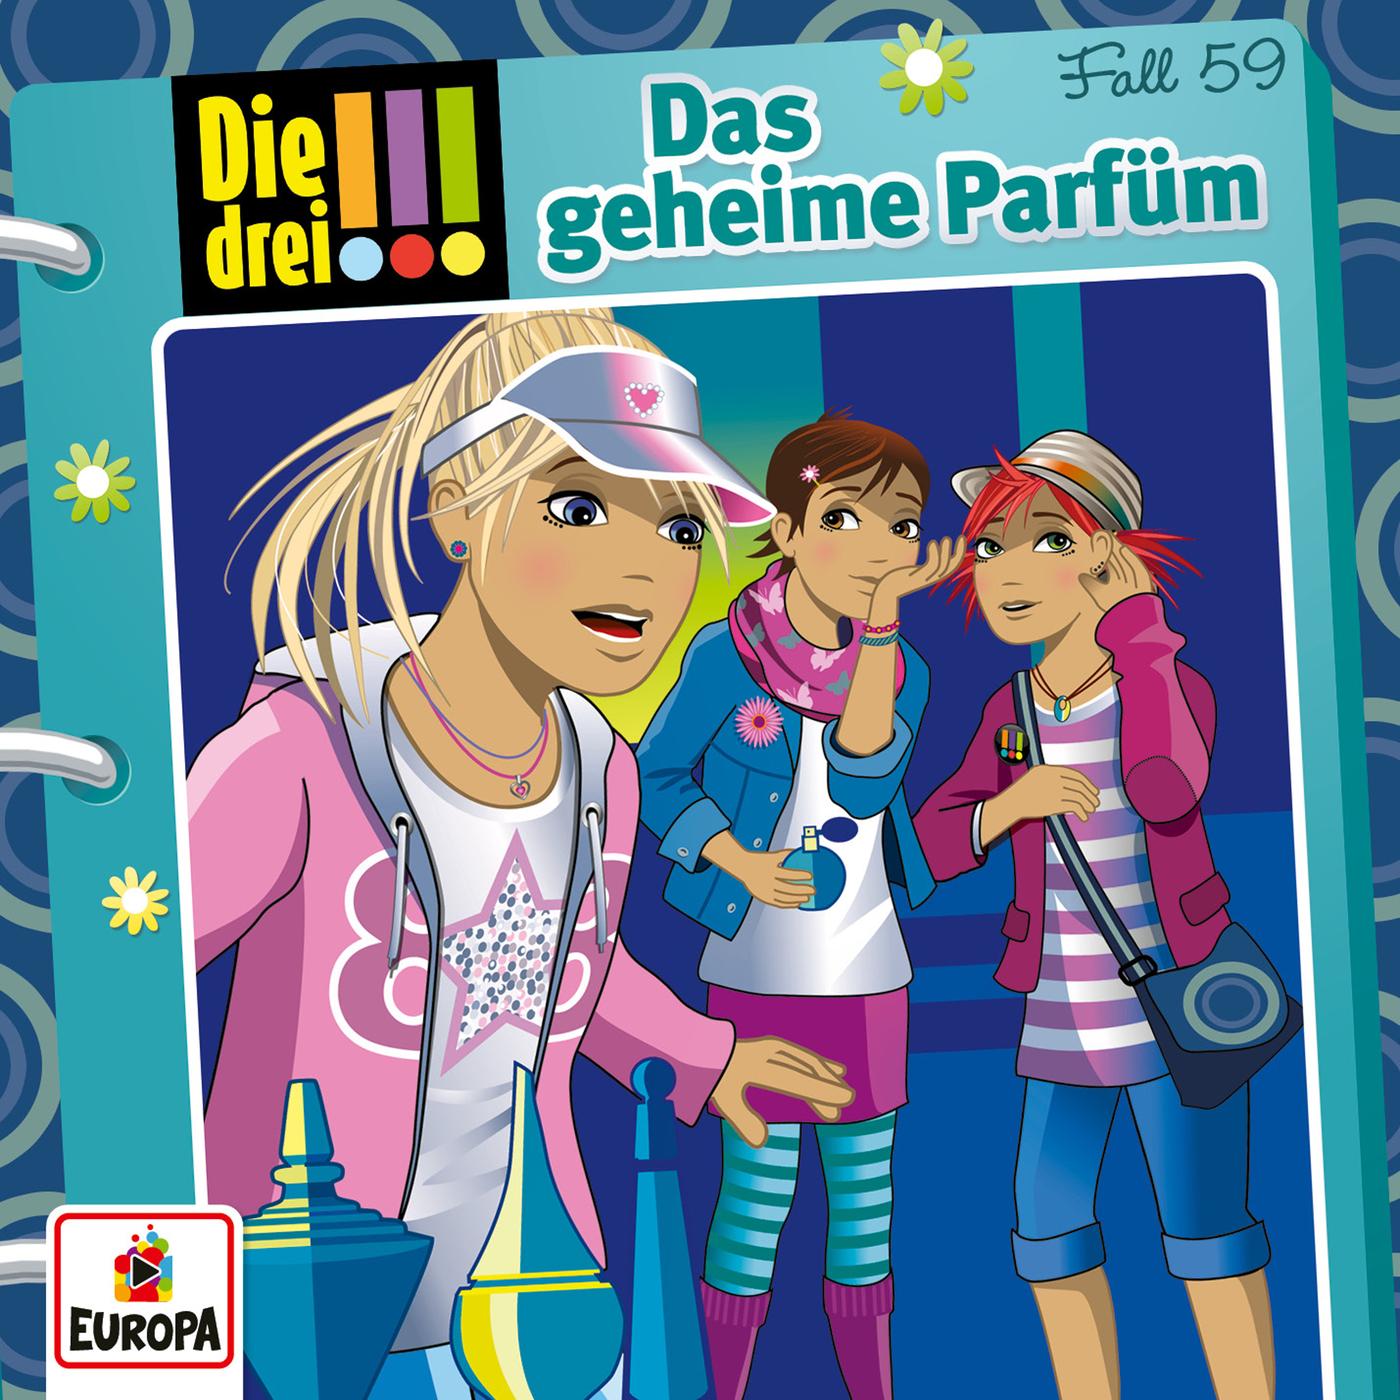 059/Das geheime Parfüm - Die drei !!!